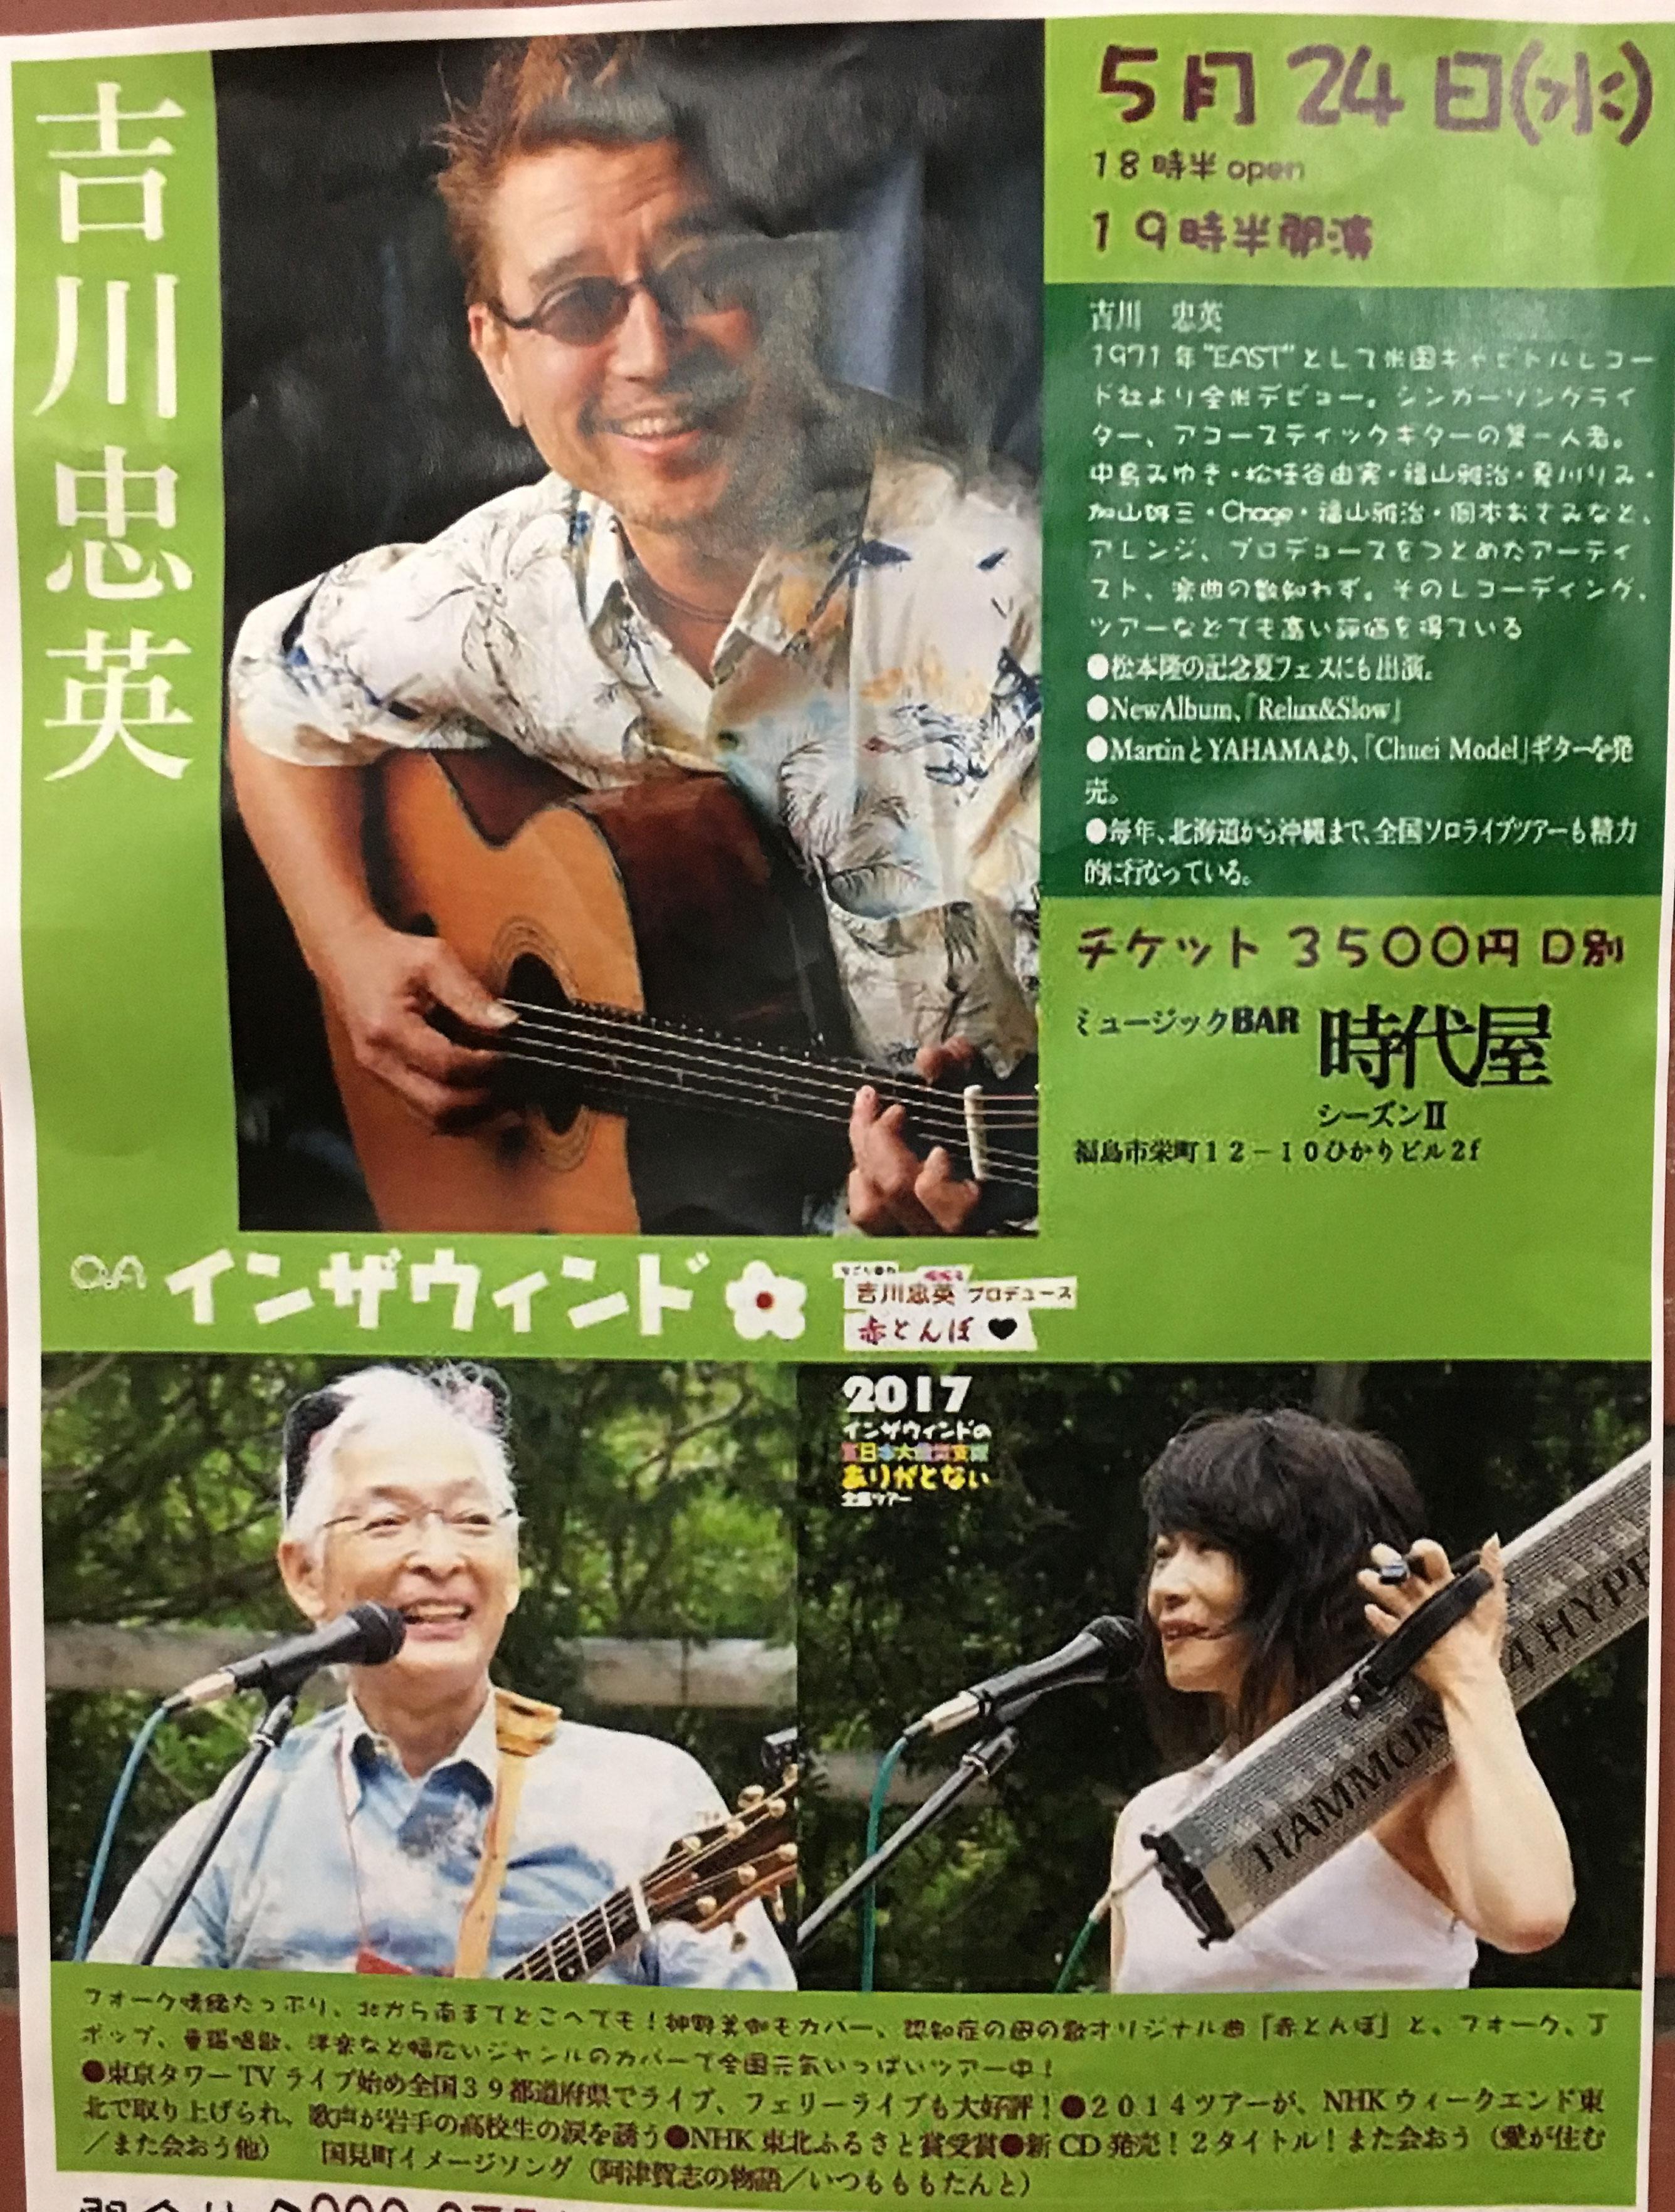 吉川忠英 みちのくギター旅2017